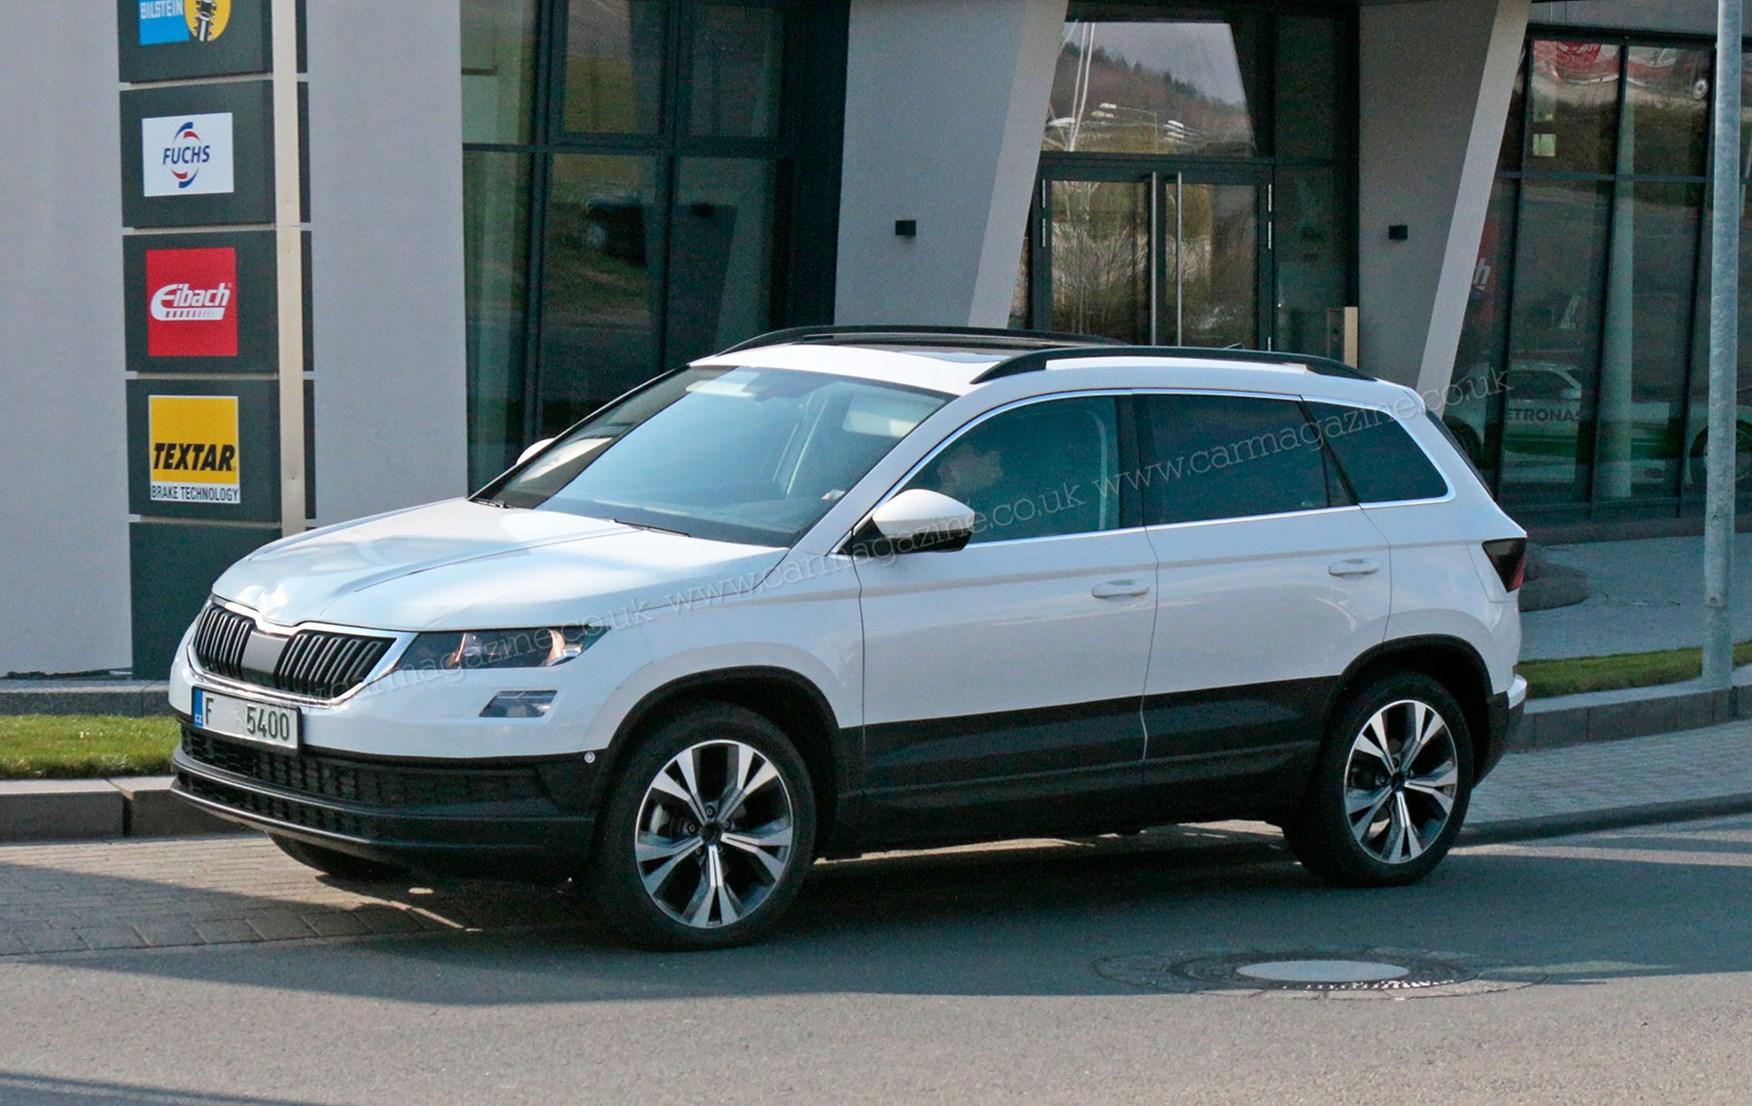 Skoda Karoq Price >> Skoda Karoq mini SUV revealed: spy photos by CAR Magazine